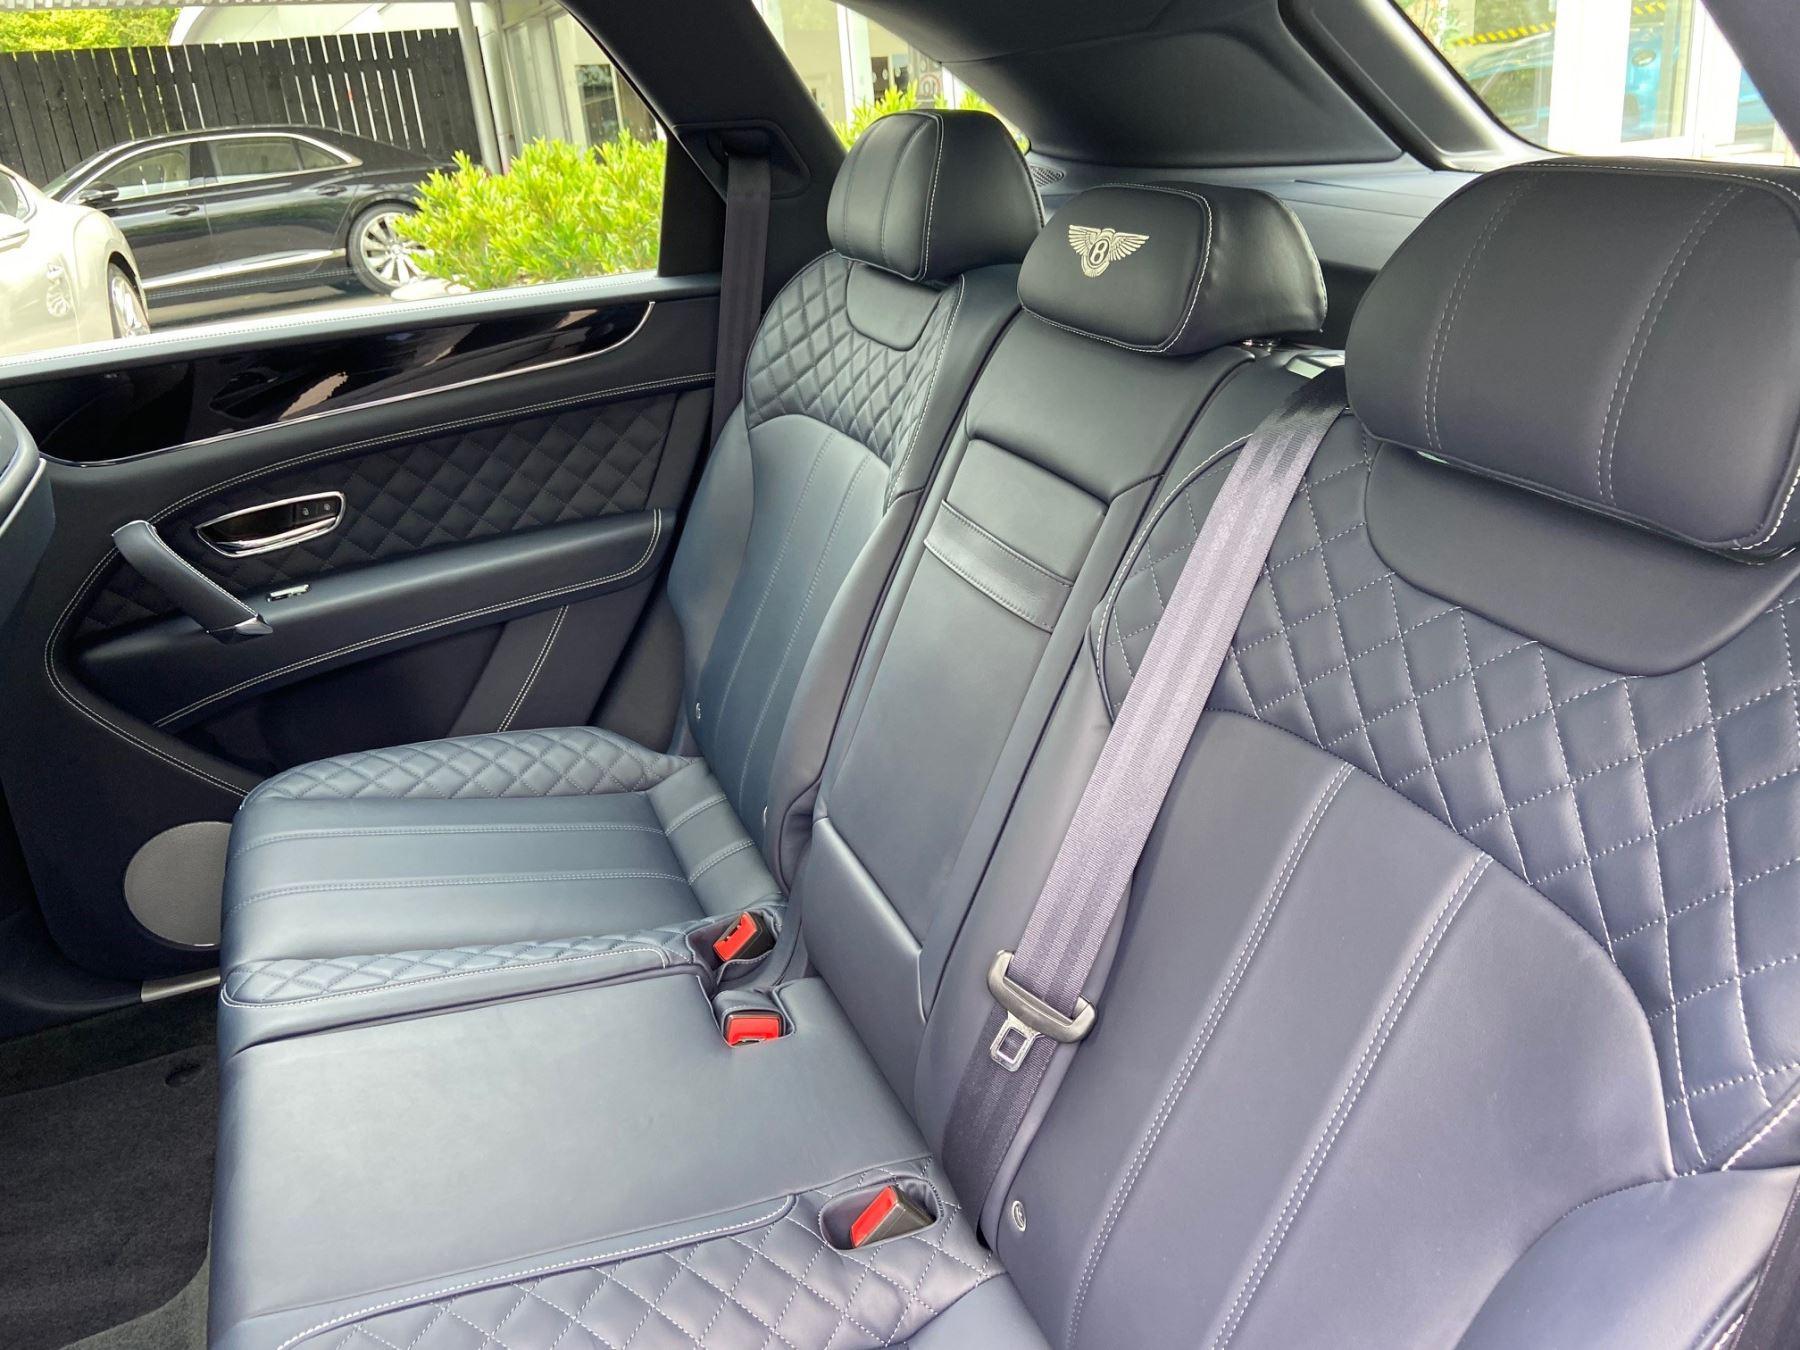 Bentley Bentayga 4.0 V8 5dr Mulliner Driving Specification image 8